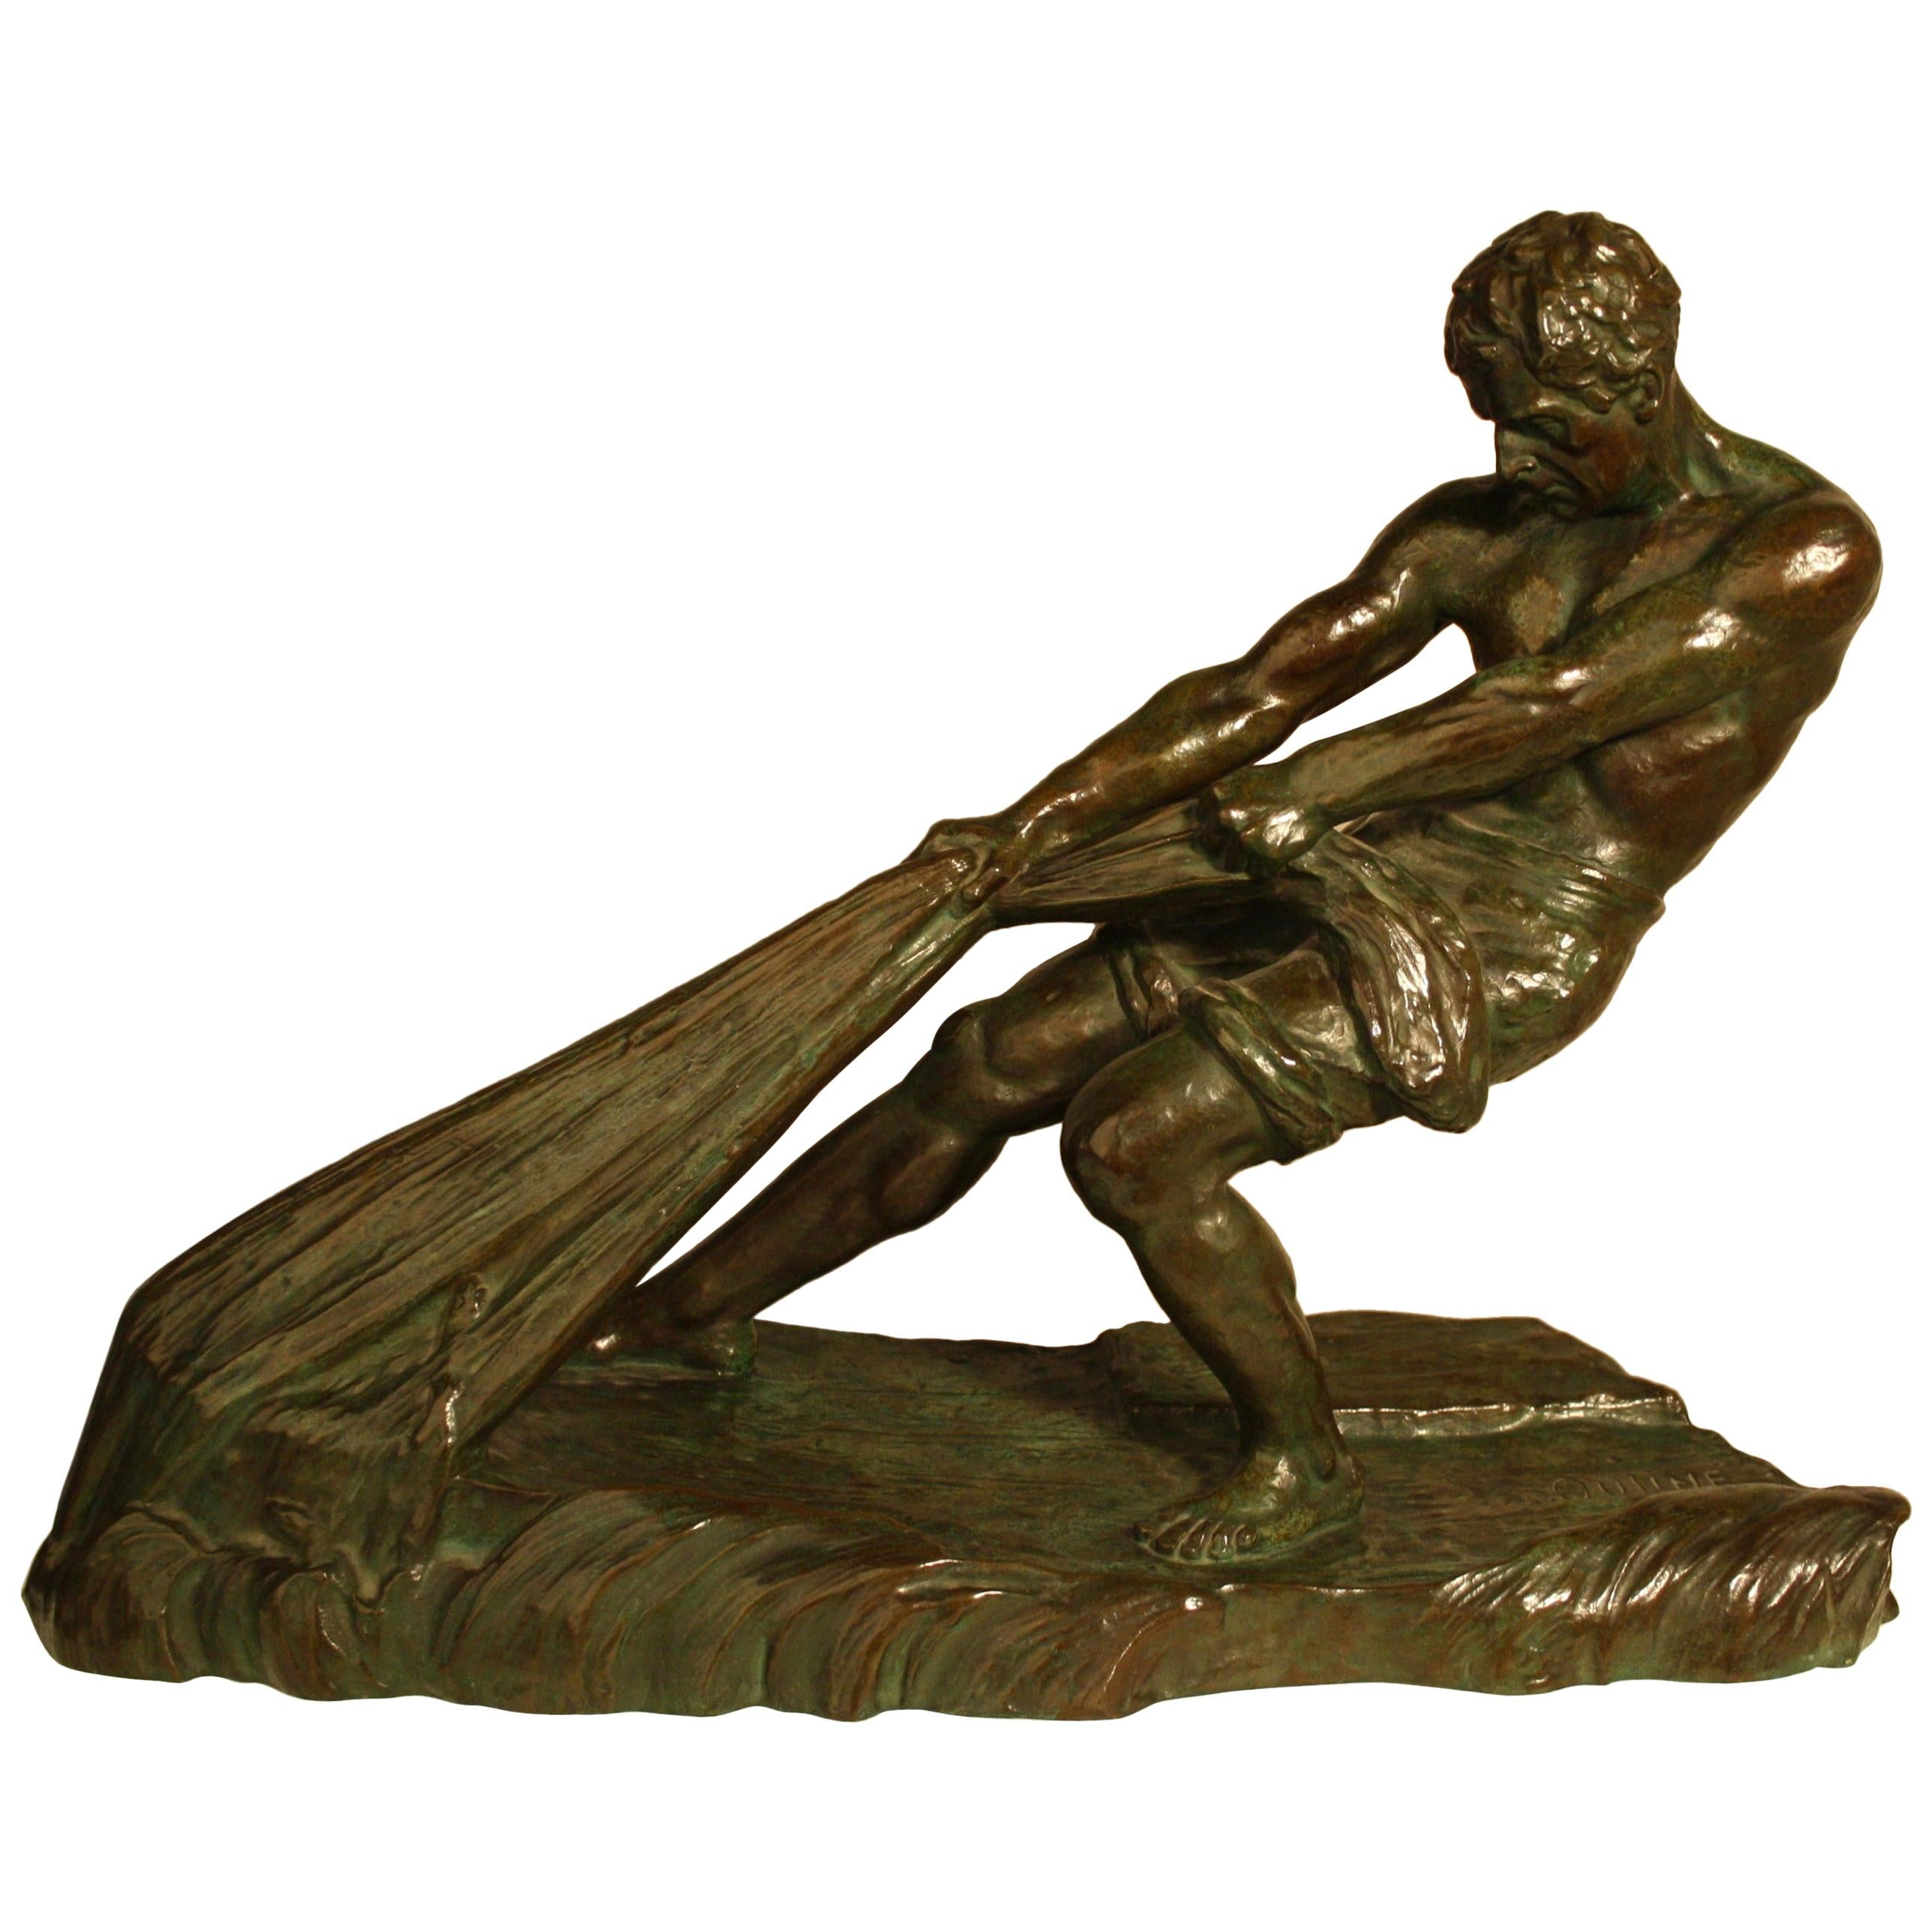 Art Deco Bronze Sculpture by Alexandre Ouline, France, 1930s